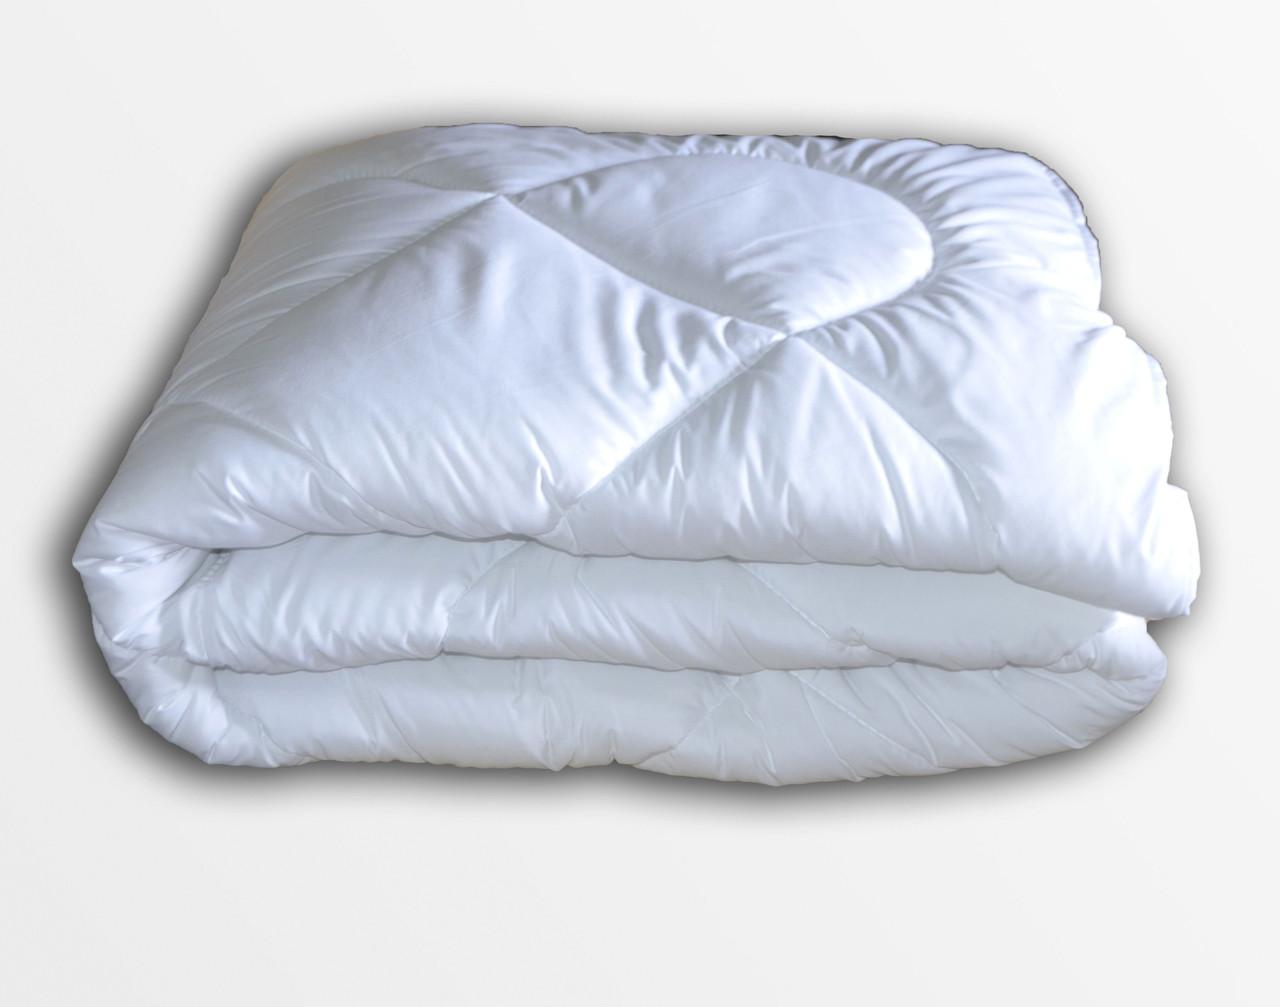 Одеяло ТЕП White Collection 210х150